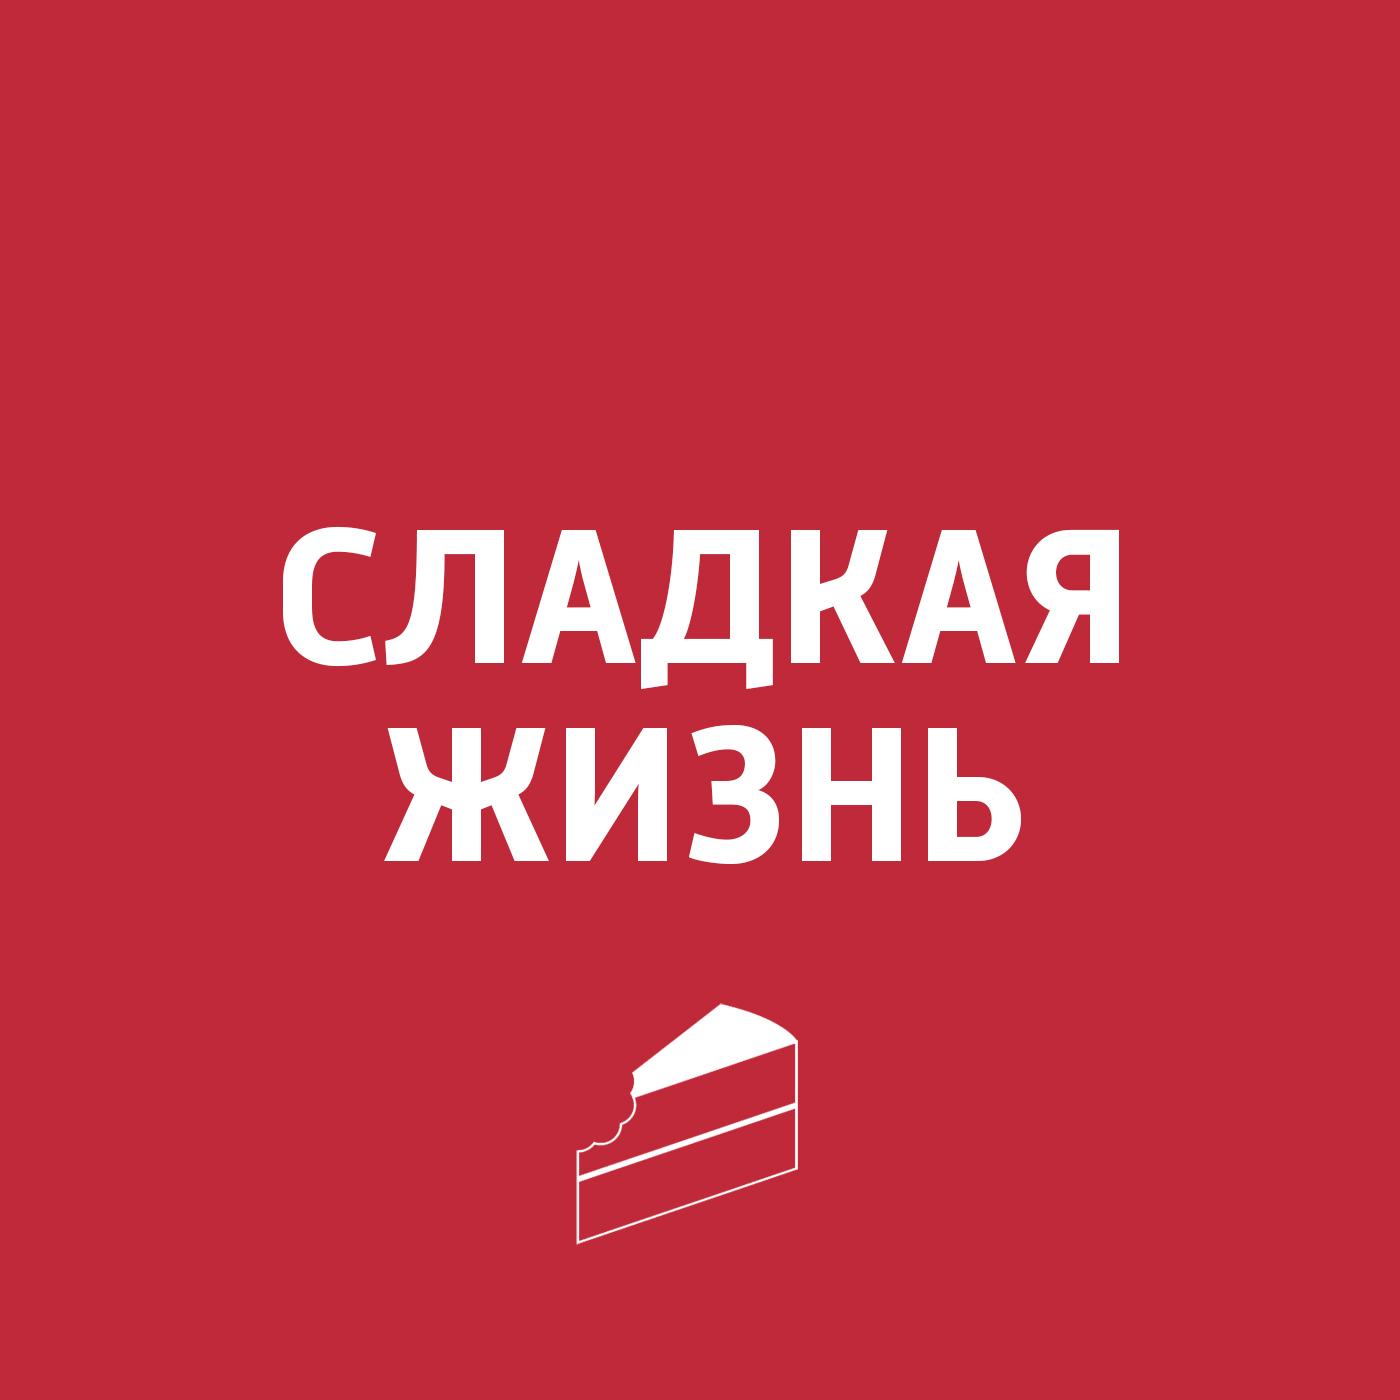 Картаев Павел Гулабджамун картаев павел гулабджамун